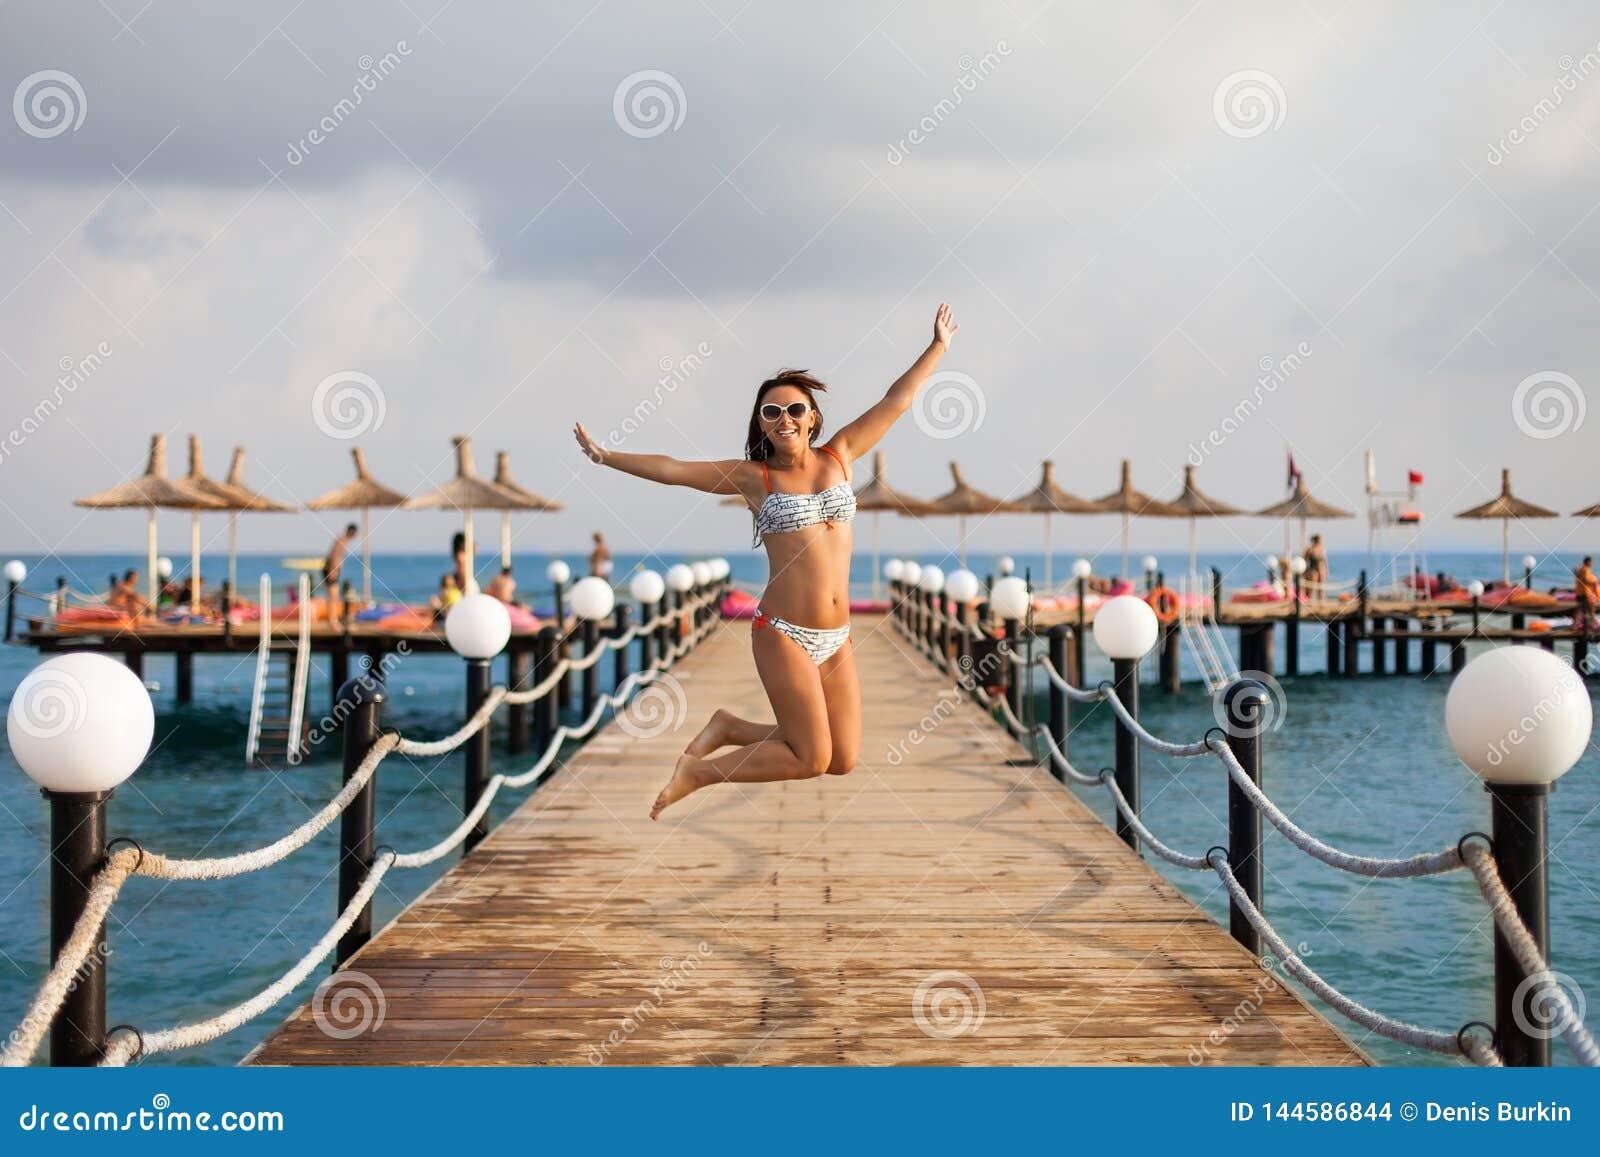 泳装的女孩在码头跳 码头的愉快的女孩 查出的黑色概念自由 jumpping在码头的迷人的女孩